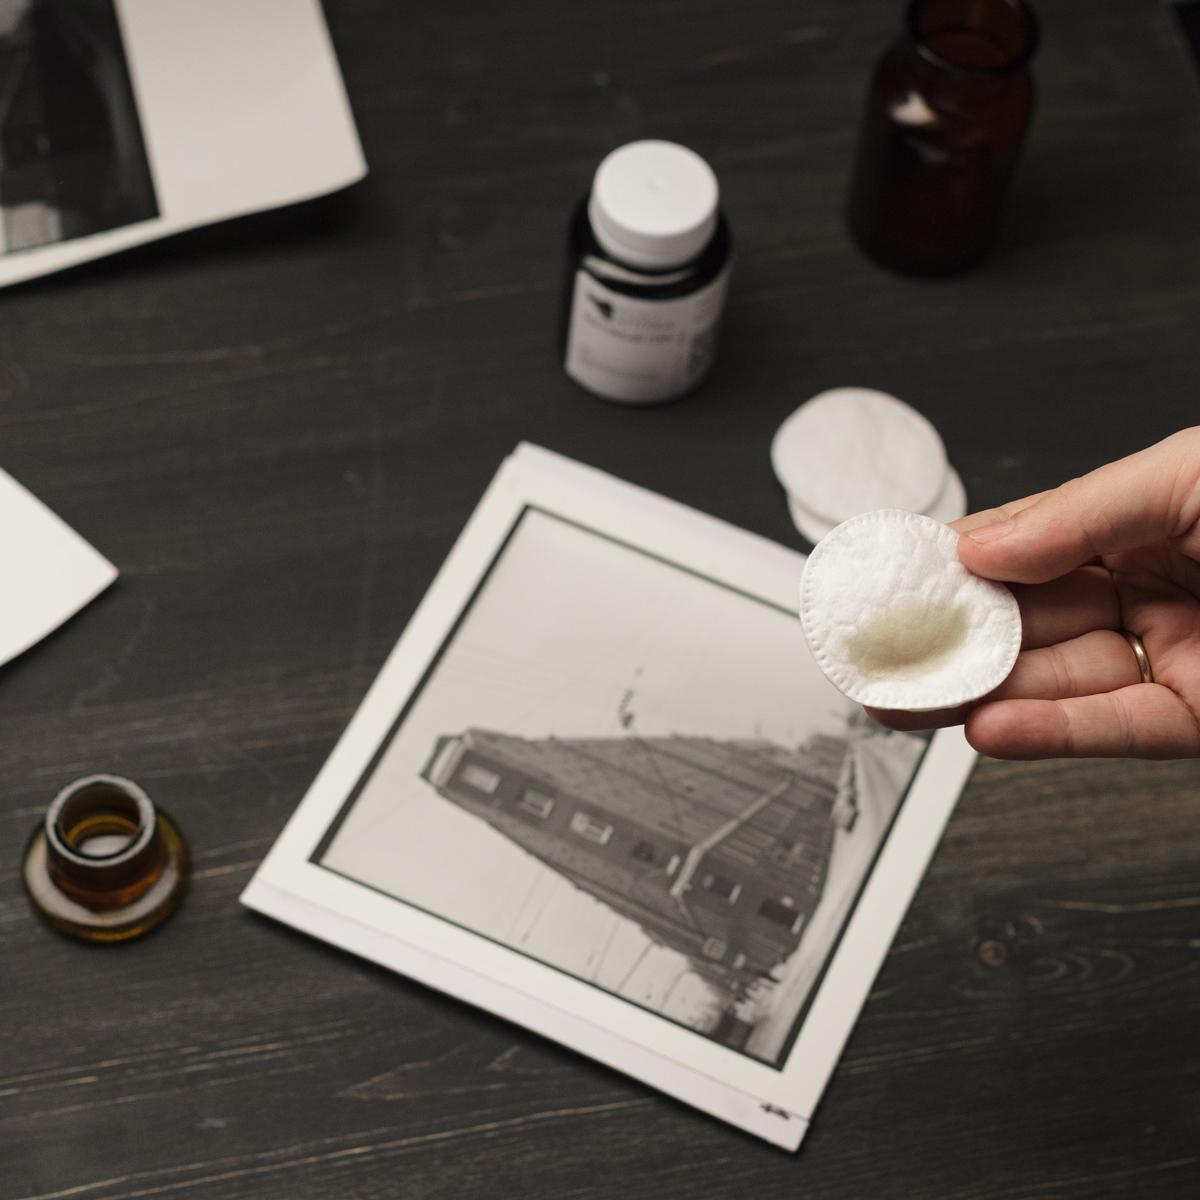 Немного матового лака на ватном диске